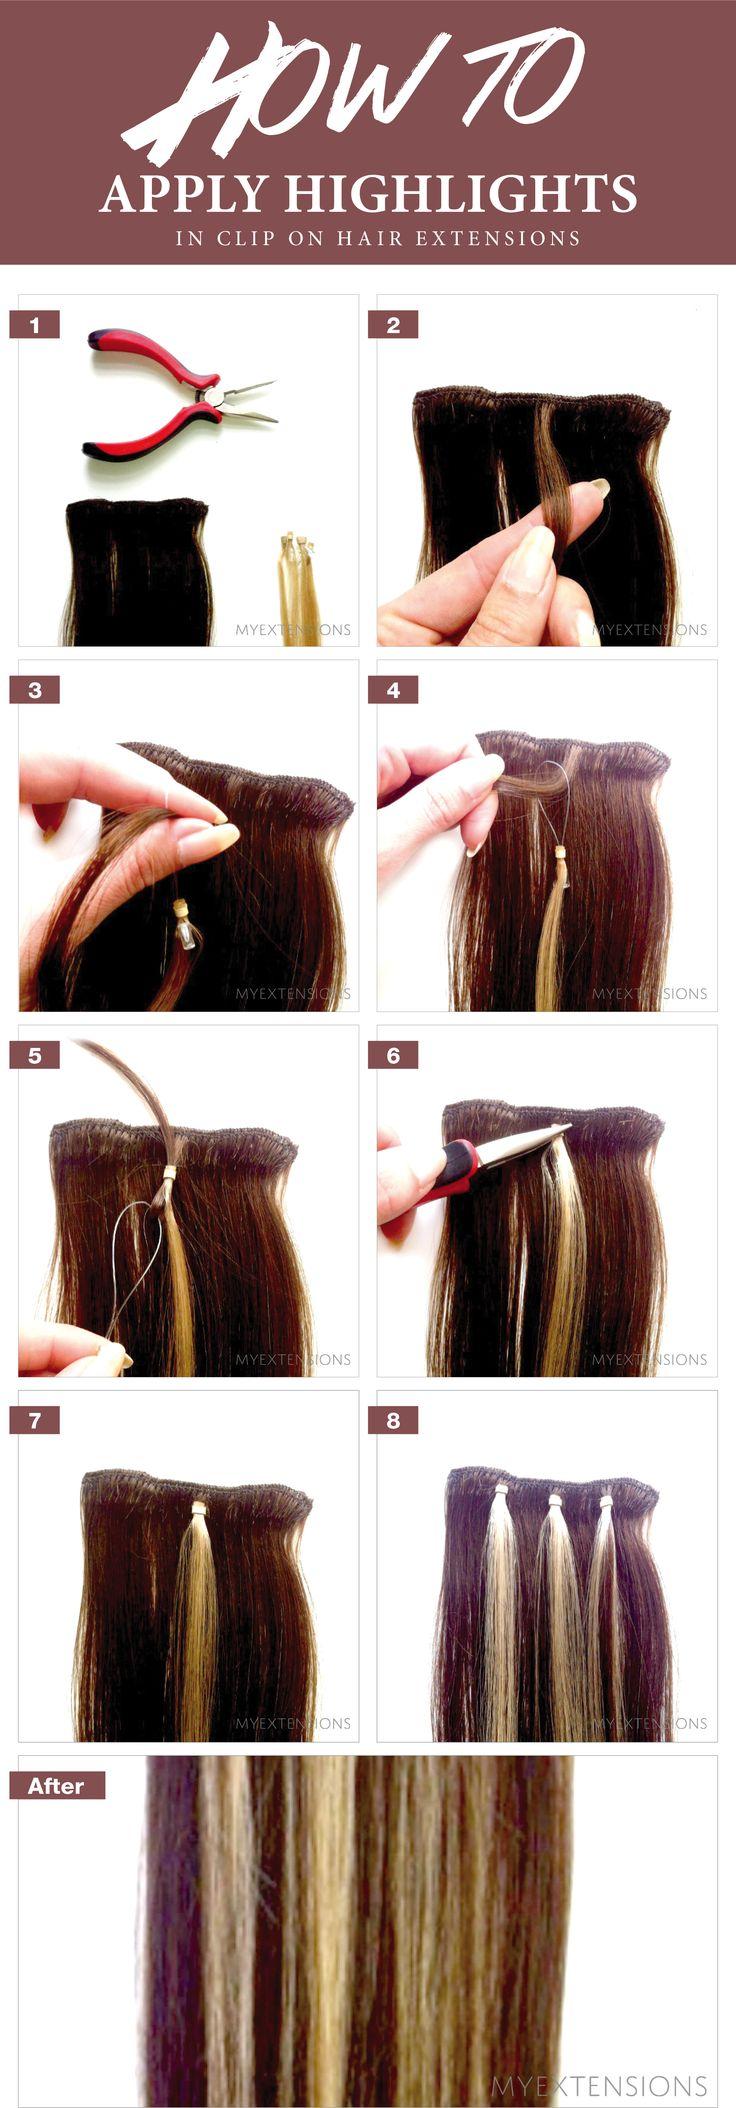 Step by step guide - Sådan laver du reflekser/striber i dine Clip on/off extensions eller på dine hår Trenser - se mere på www.myextensions.dk